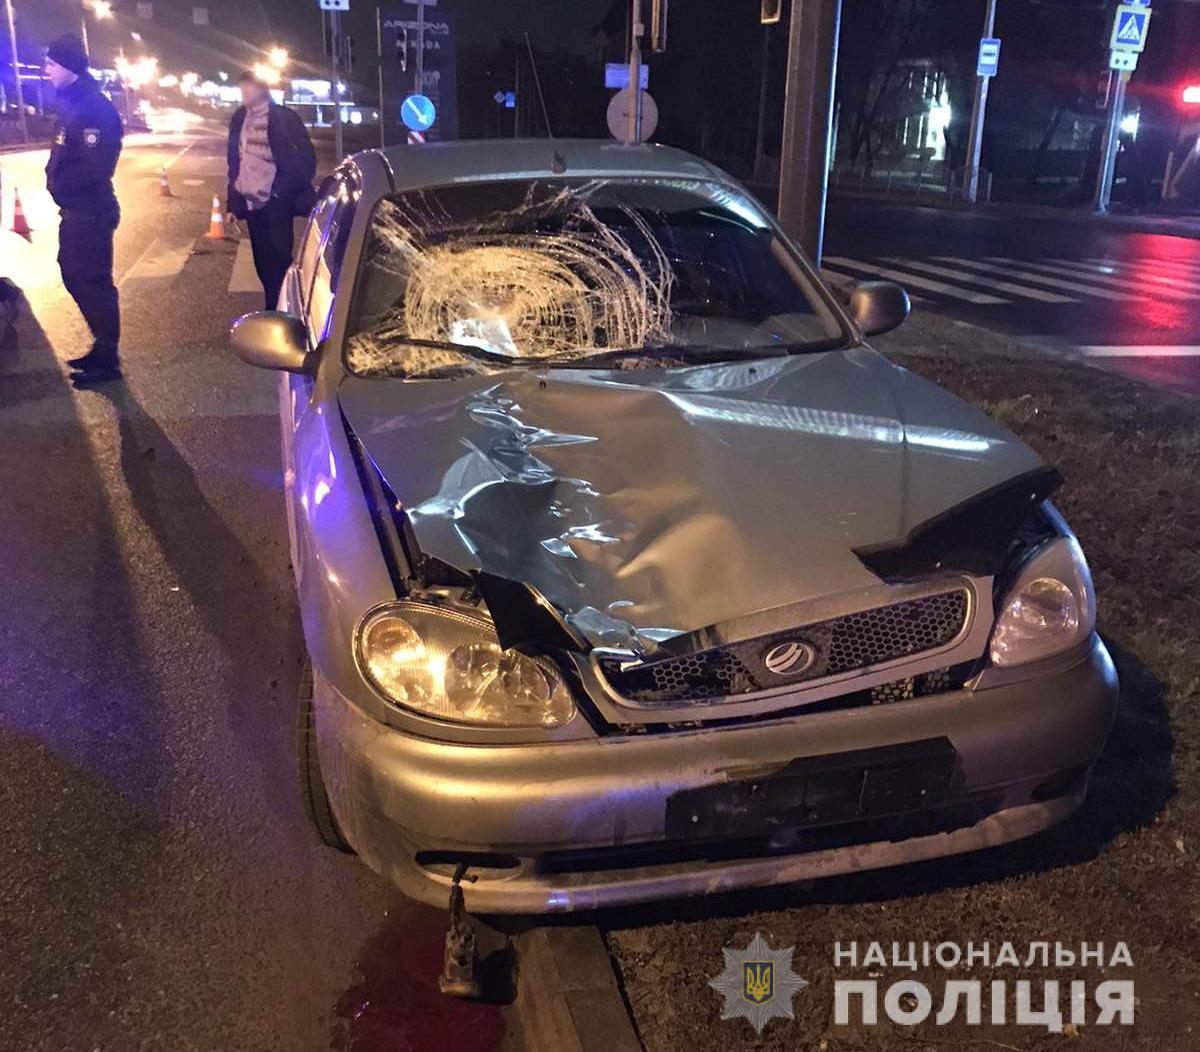 В Харькове на пешеходном переходе насмерть сбиты двое мужчин (фото)